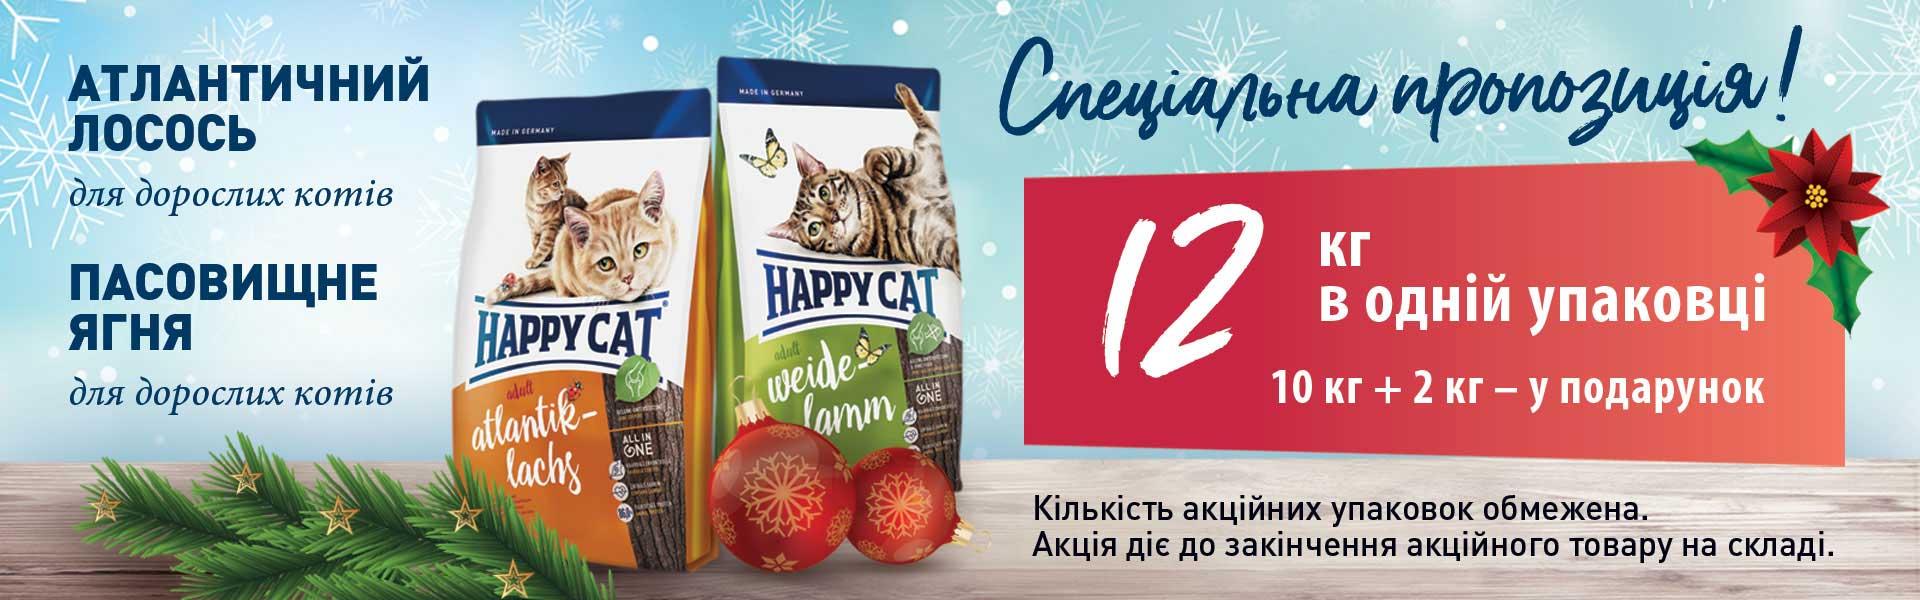 Happy Cat акция